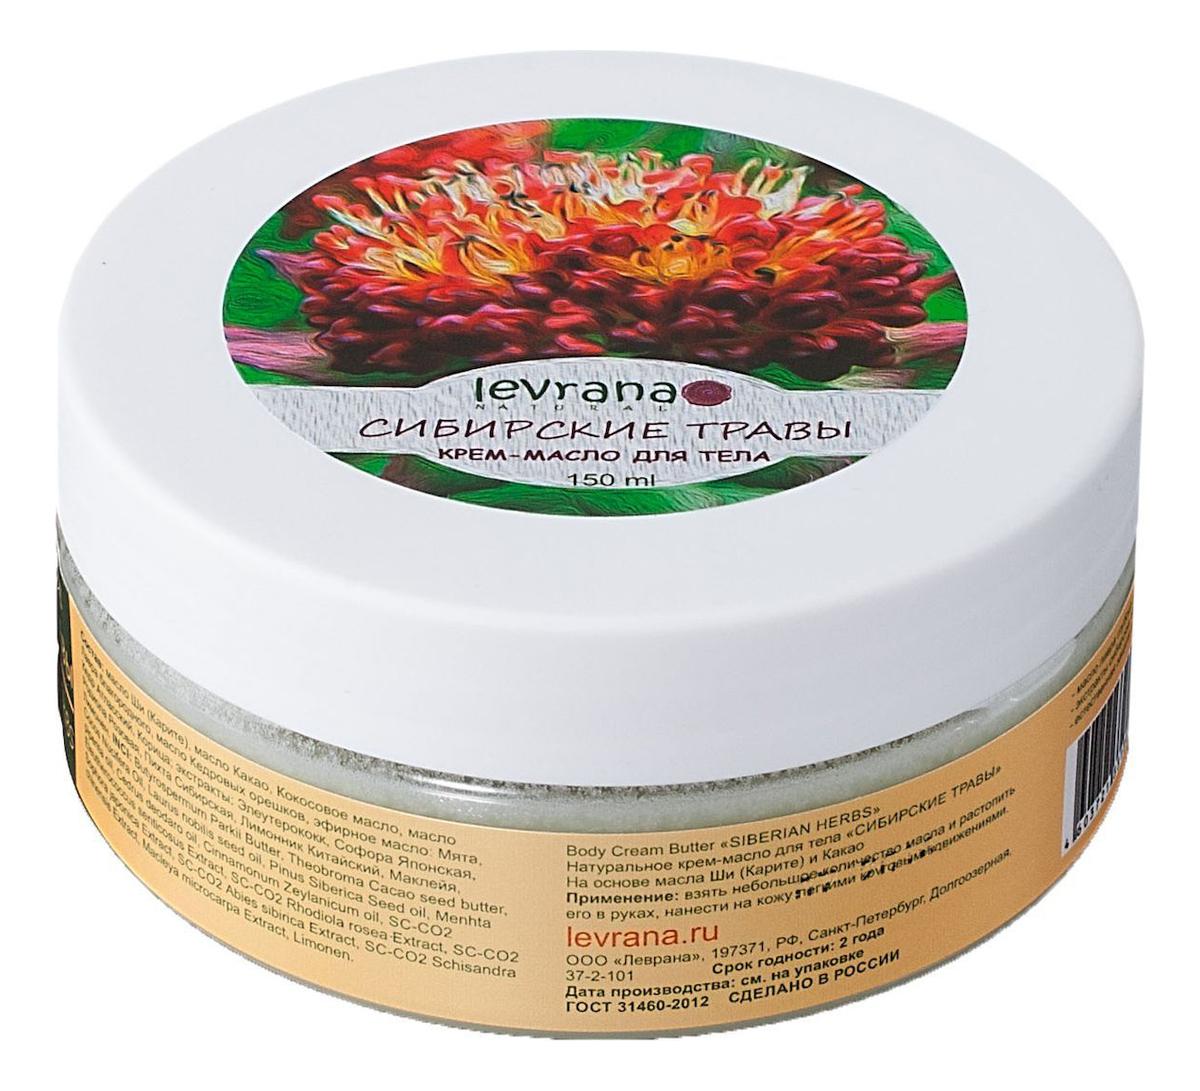 Купить Крем-масло для тела Сибирские травы Siberian Herbs Body Cream Butter 150мл, Levrana